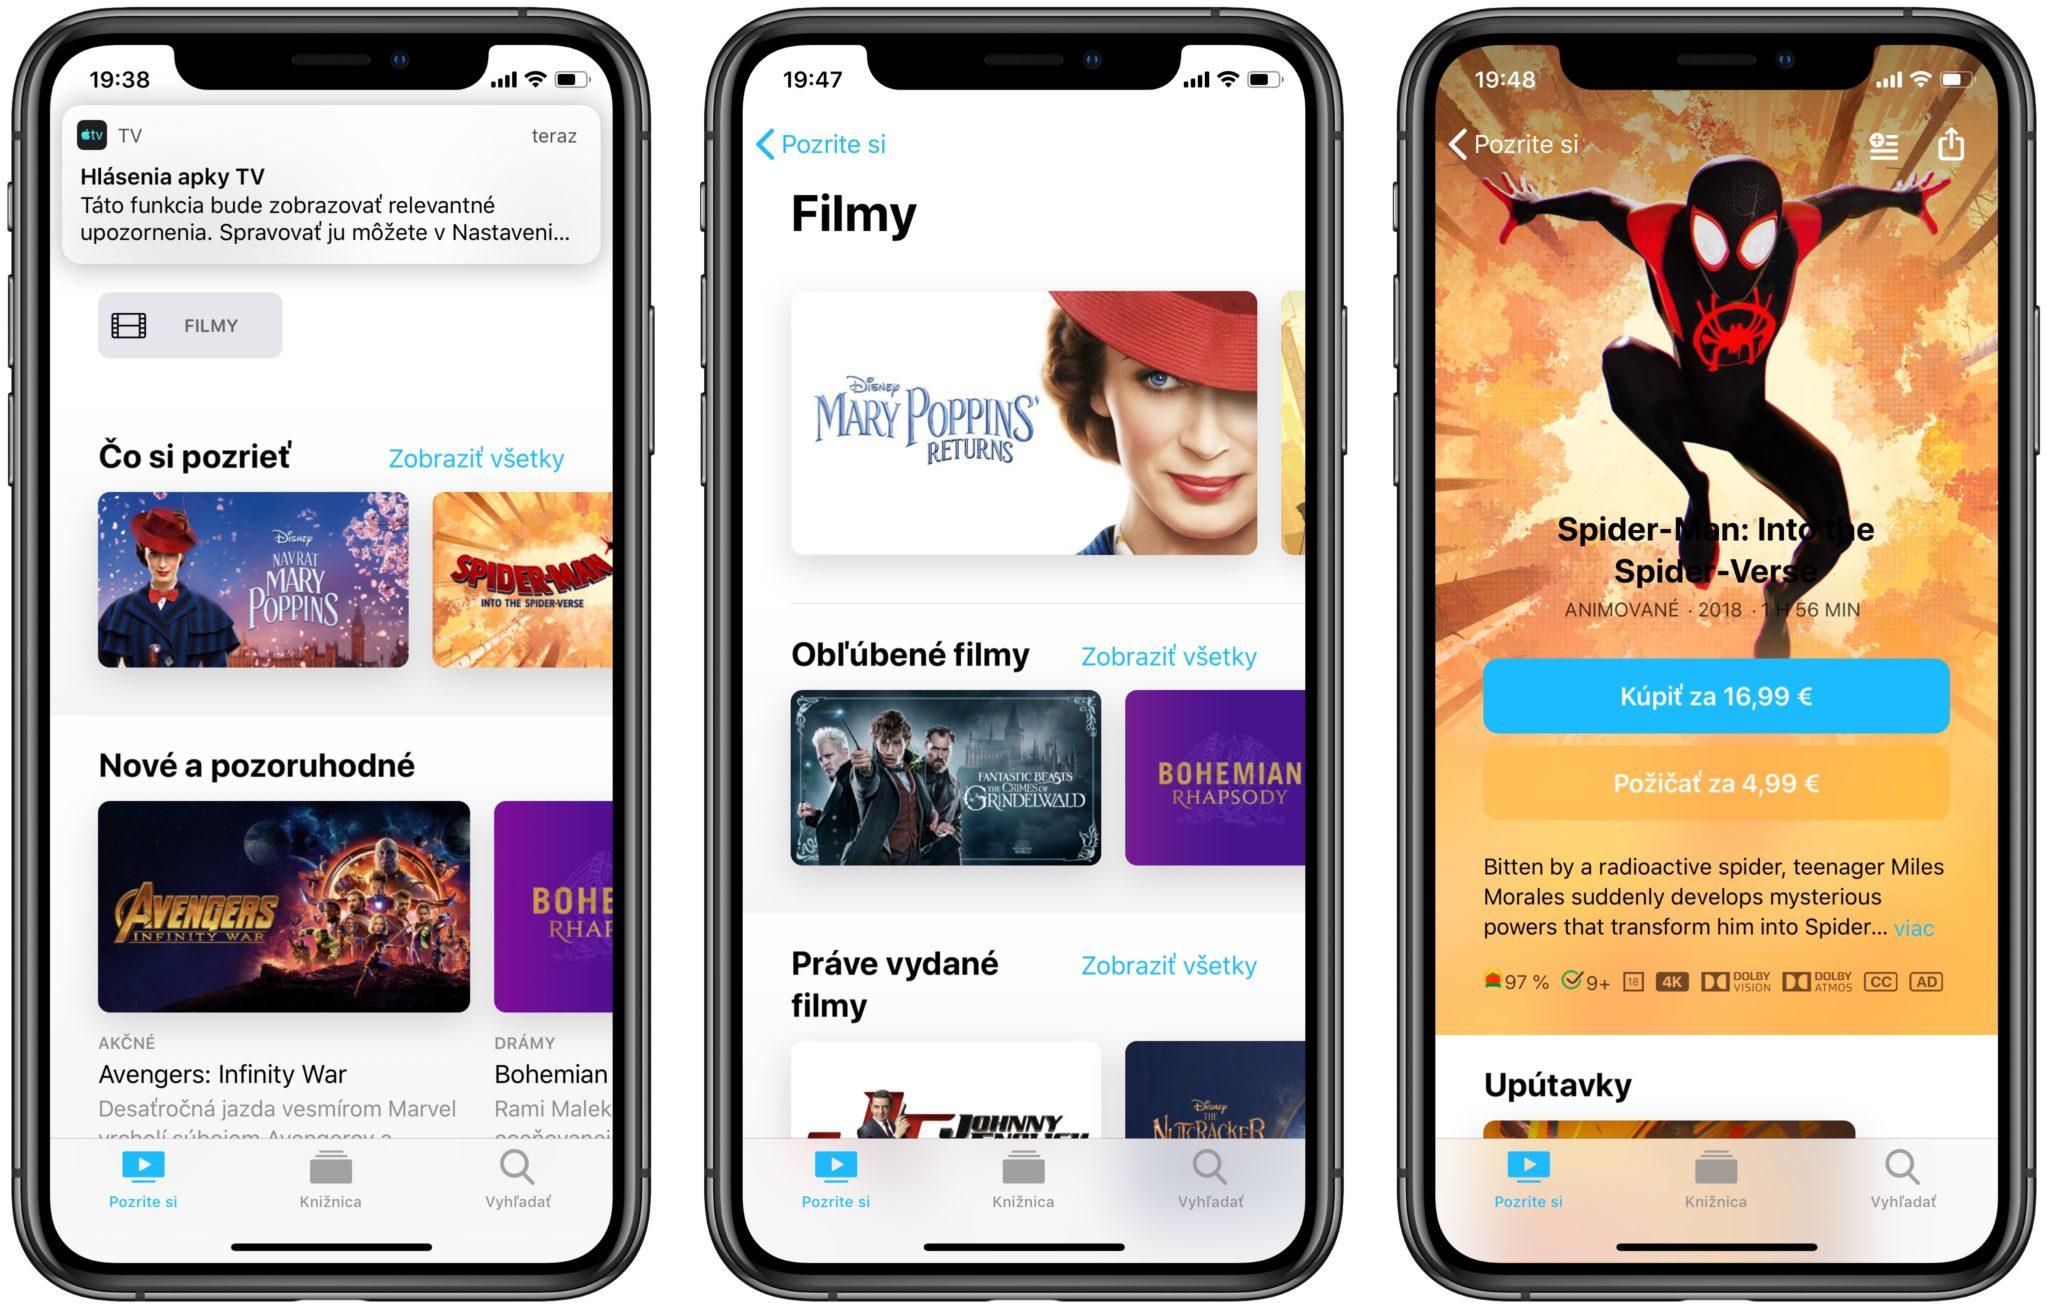 apple tv ios svk - Apka Apple TV je s novým iOS a tvOS dostupná aj u nás, spolu s AirPlay 2 prichádza aj na vybrané Smart TV